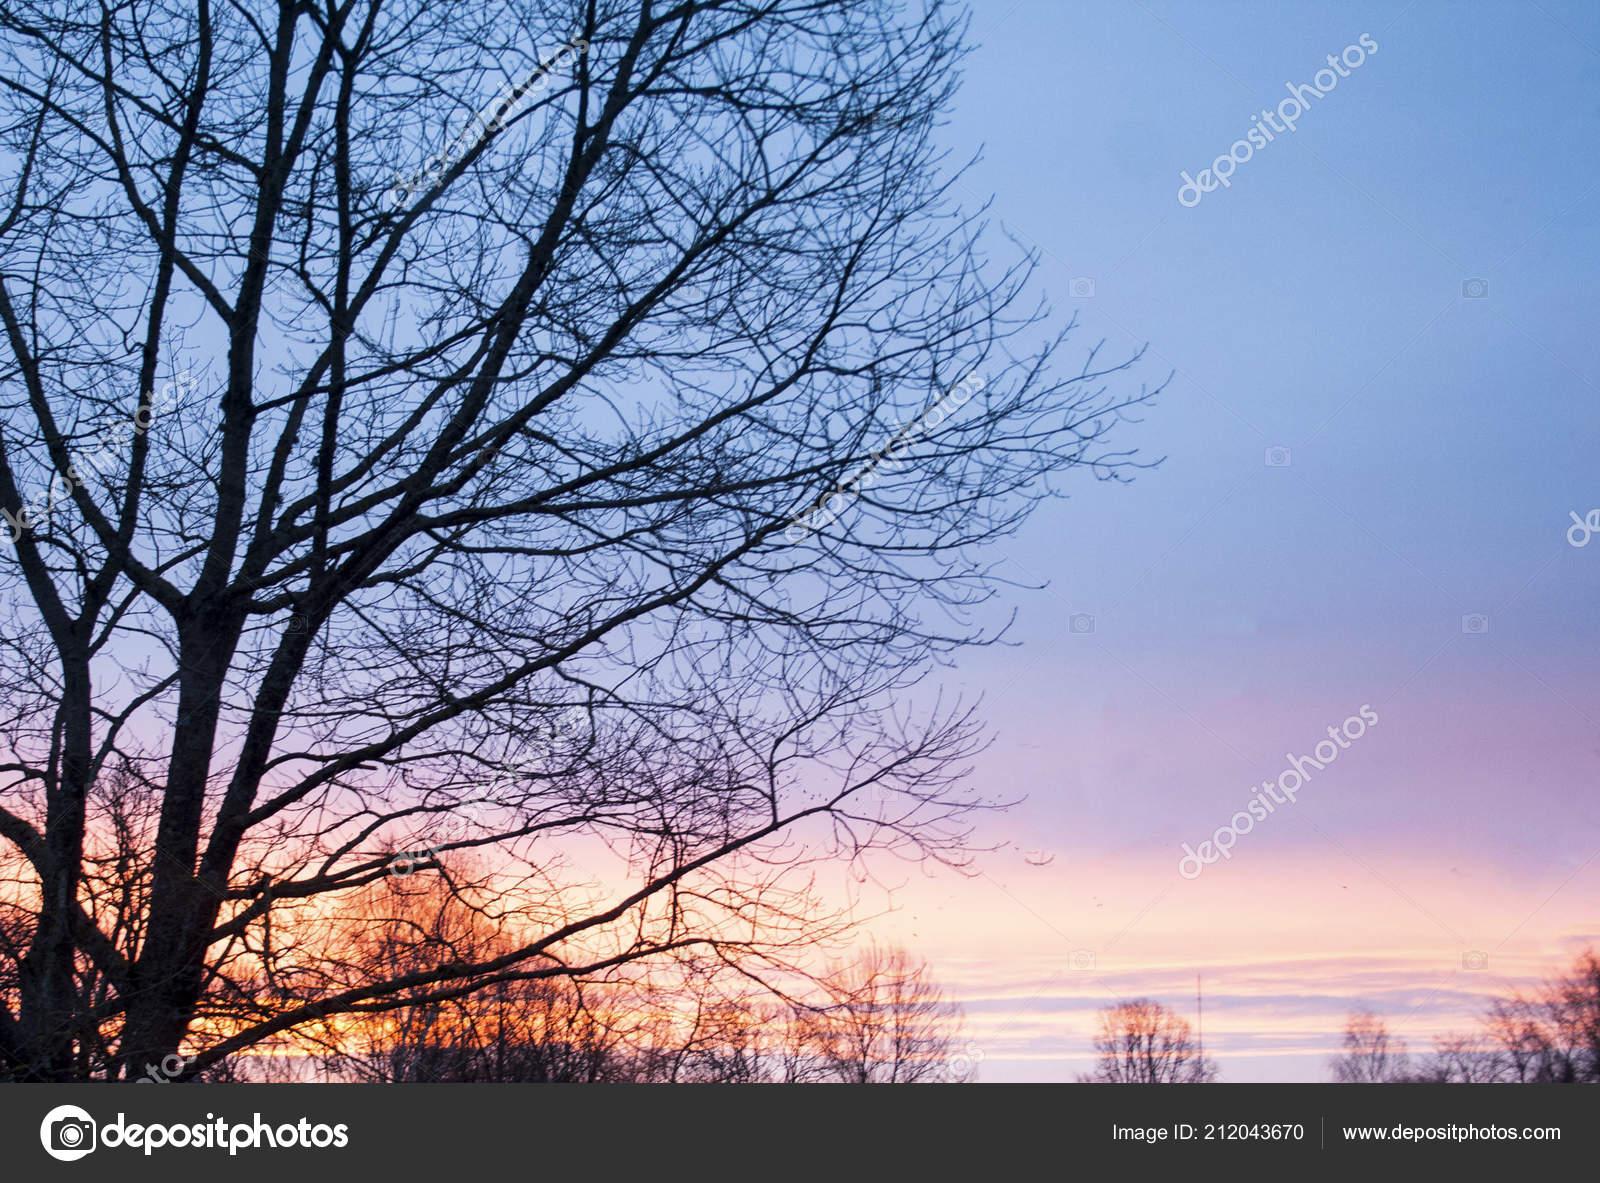 Trame Silhouette Des Arbres Sur Fond Ciel Bleu Rose Dans